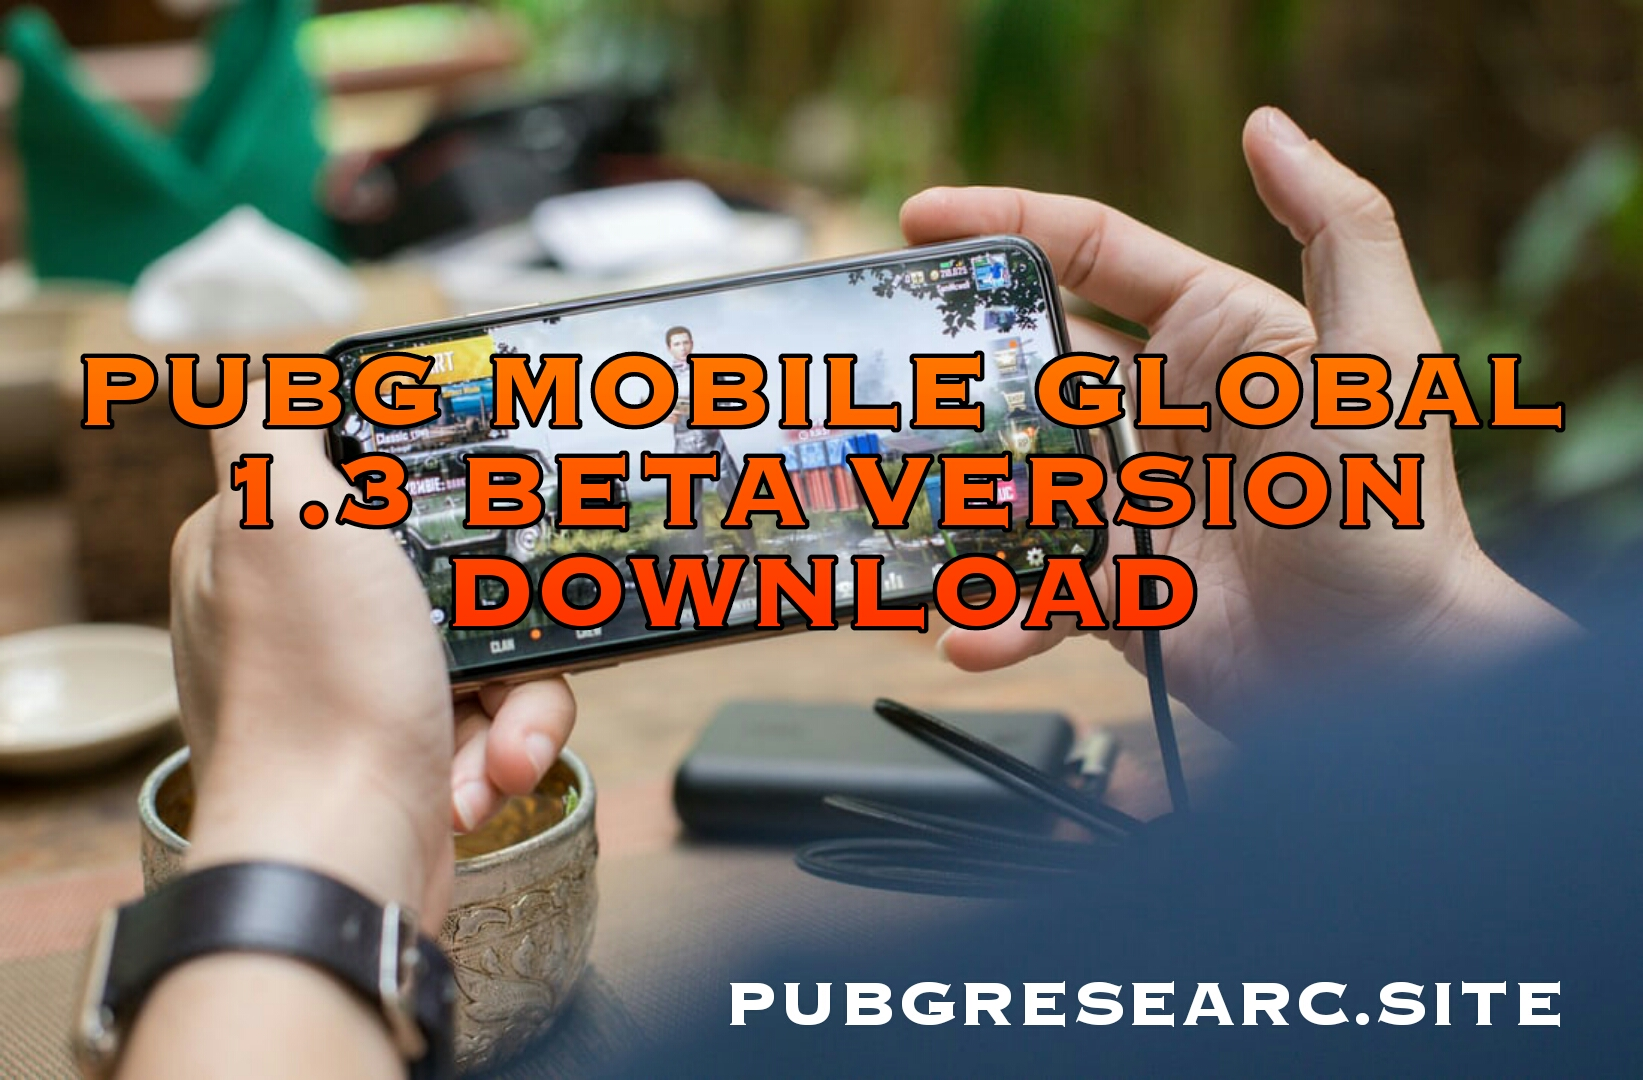 Pubg mobile version 1.3 latest downlaod